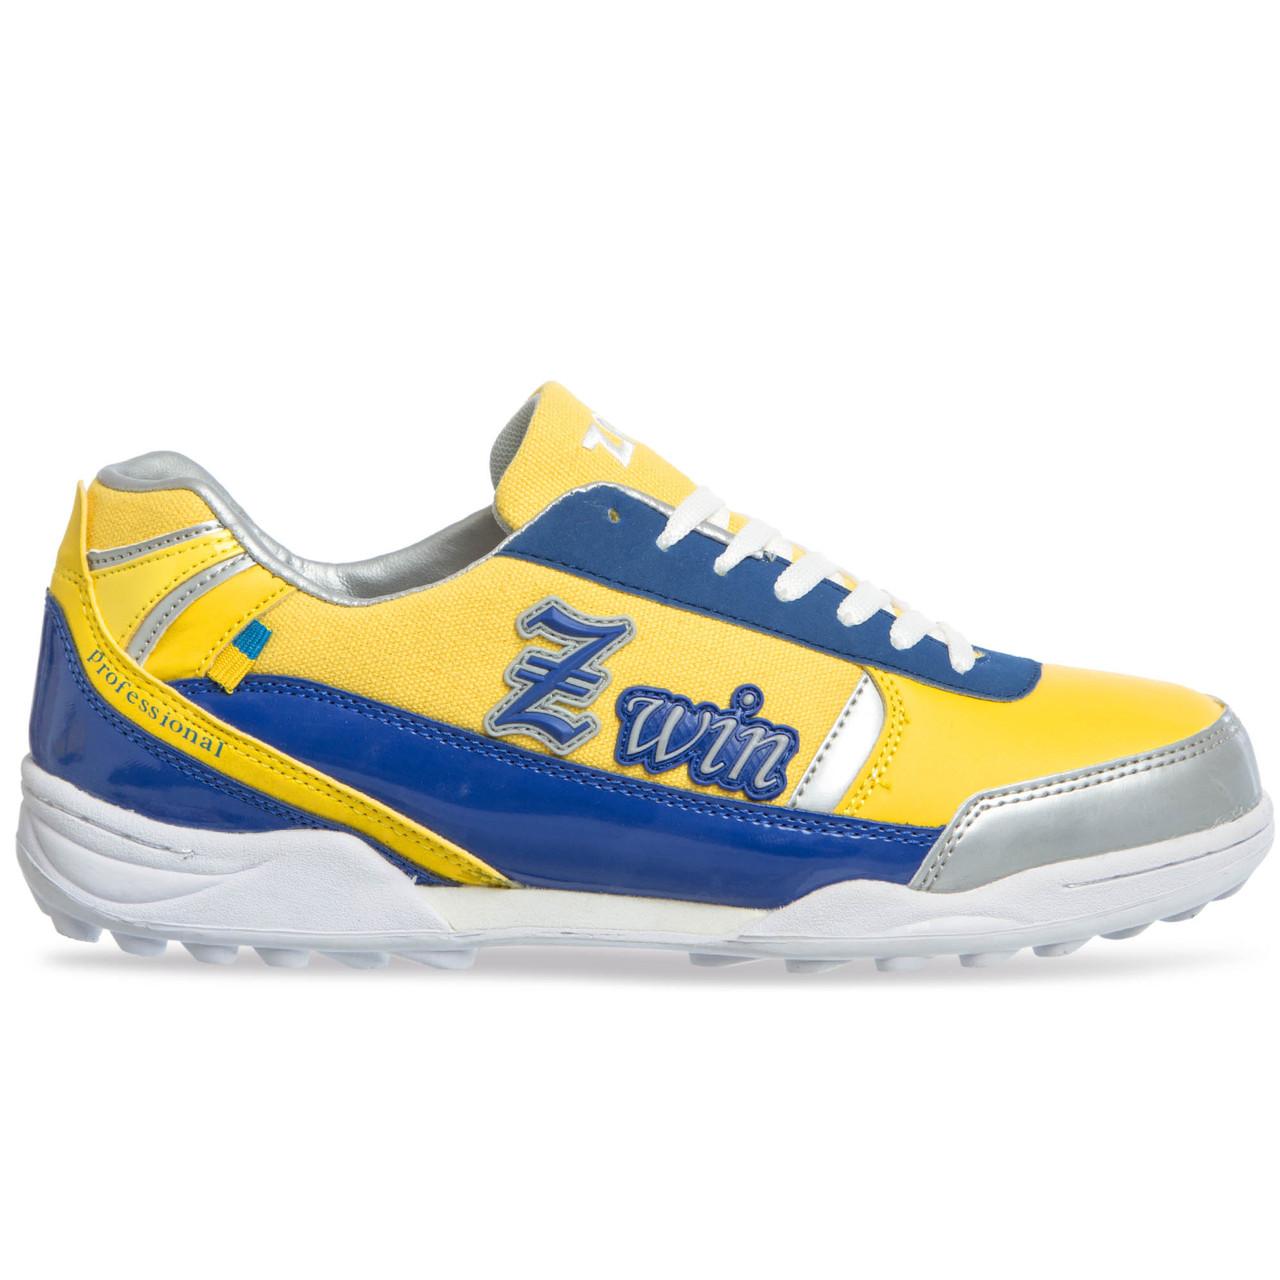 Сороконожки обувь футбольная Zelart OB-90203-YB размер 40-45 желтый-синий